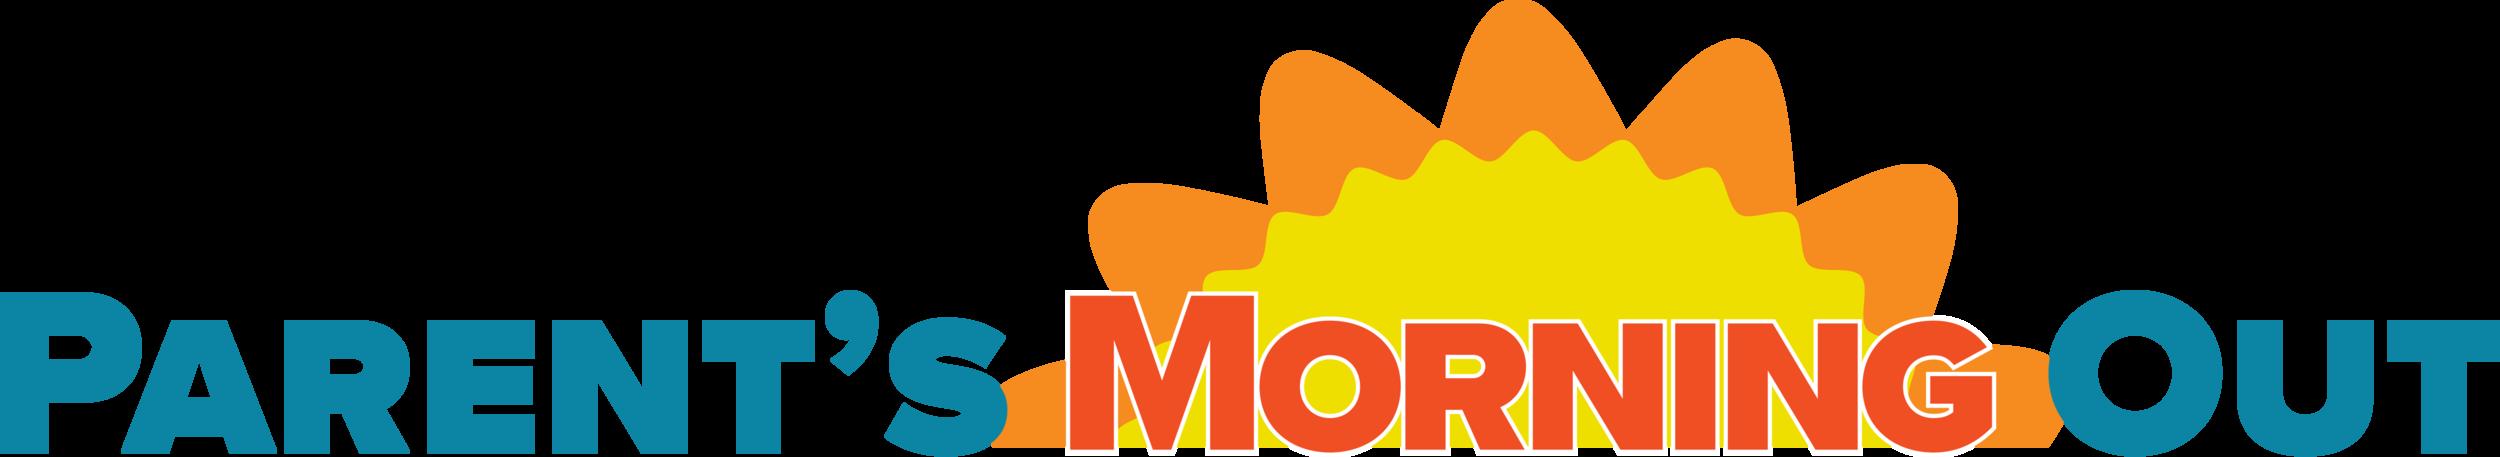 ParentsMorningOut_logo_18.png